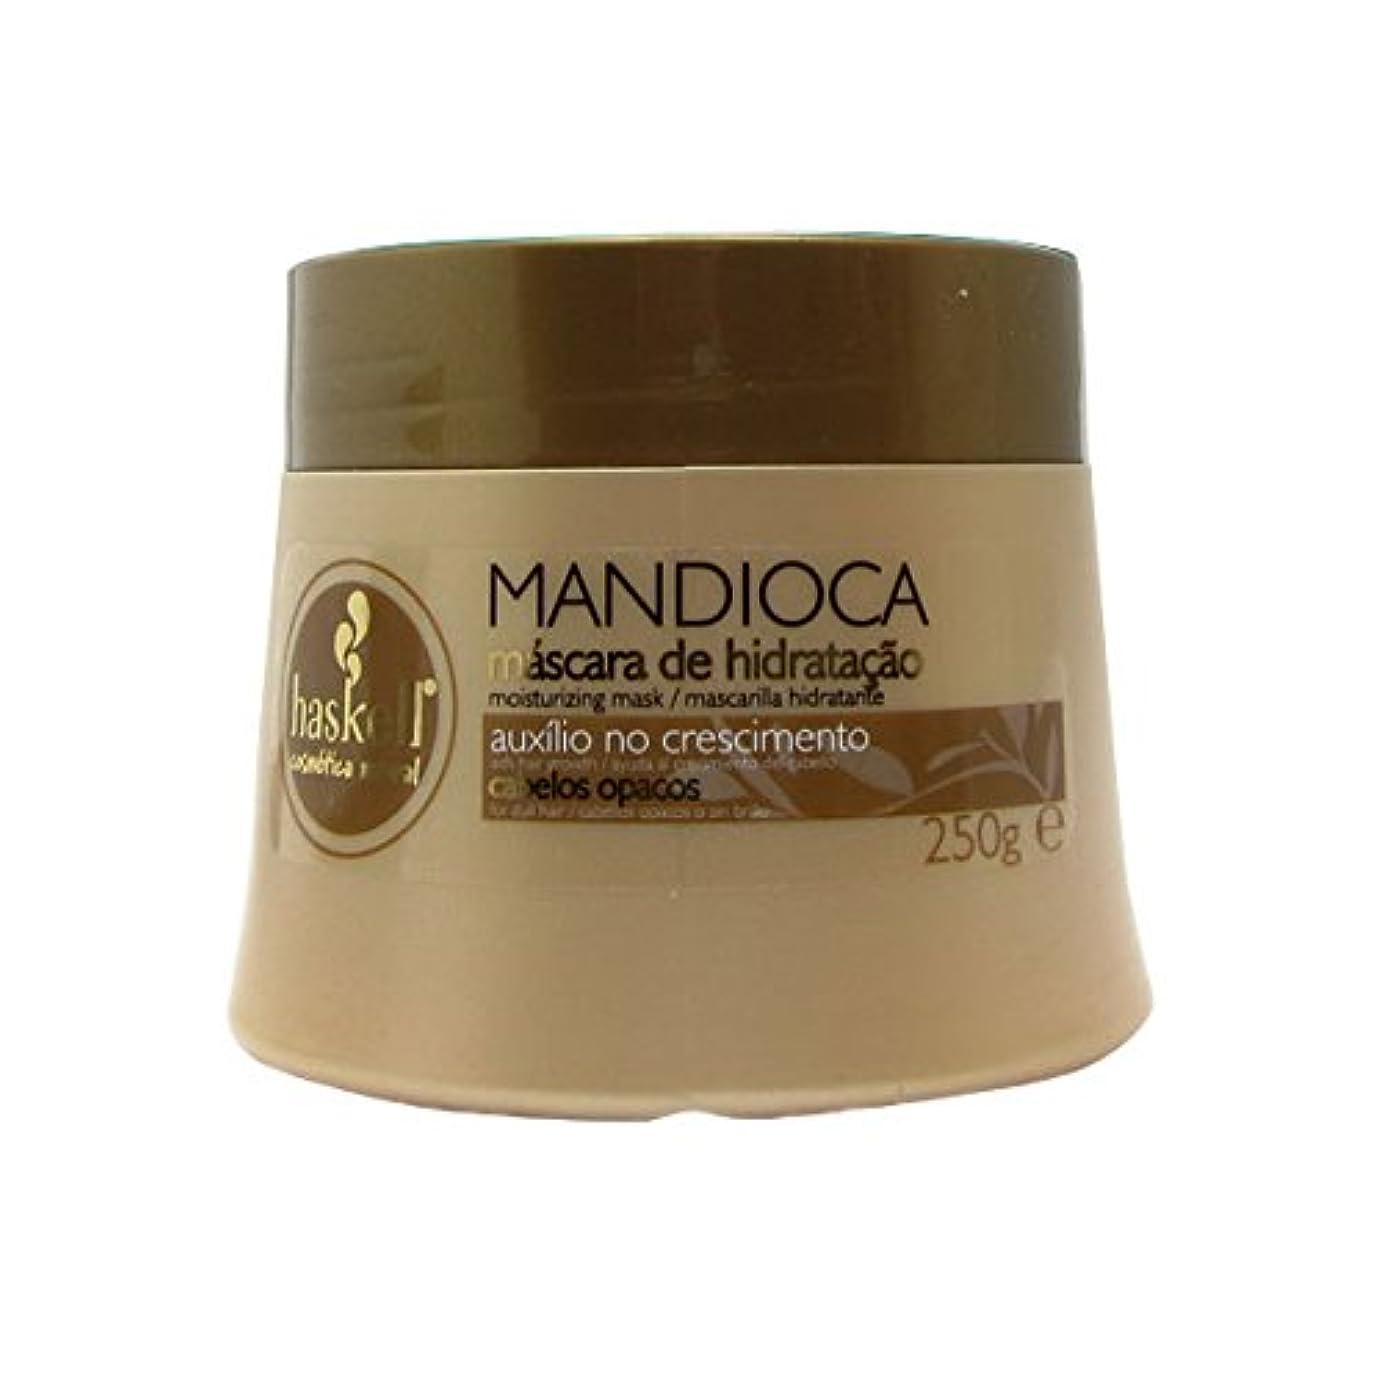 権限追跡従来のHaskell Mandioca Hair Mask 250g [並行輸入品]